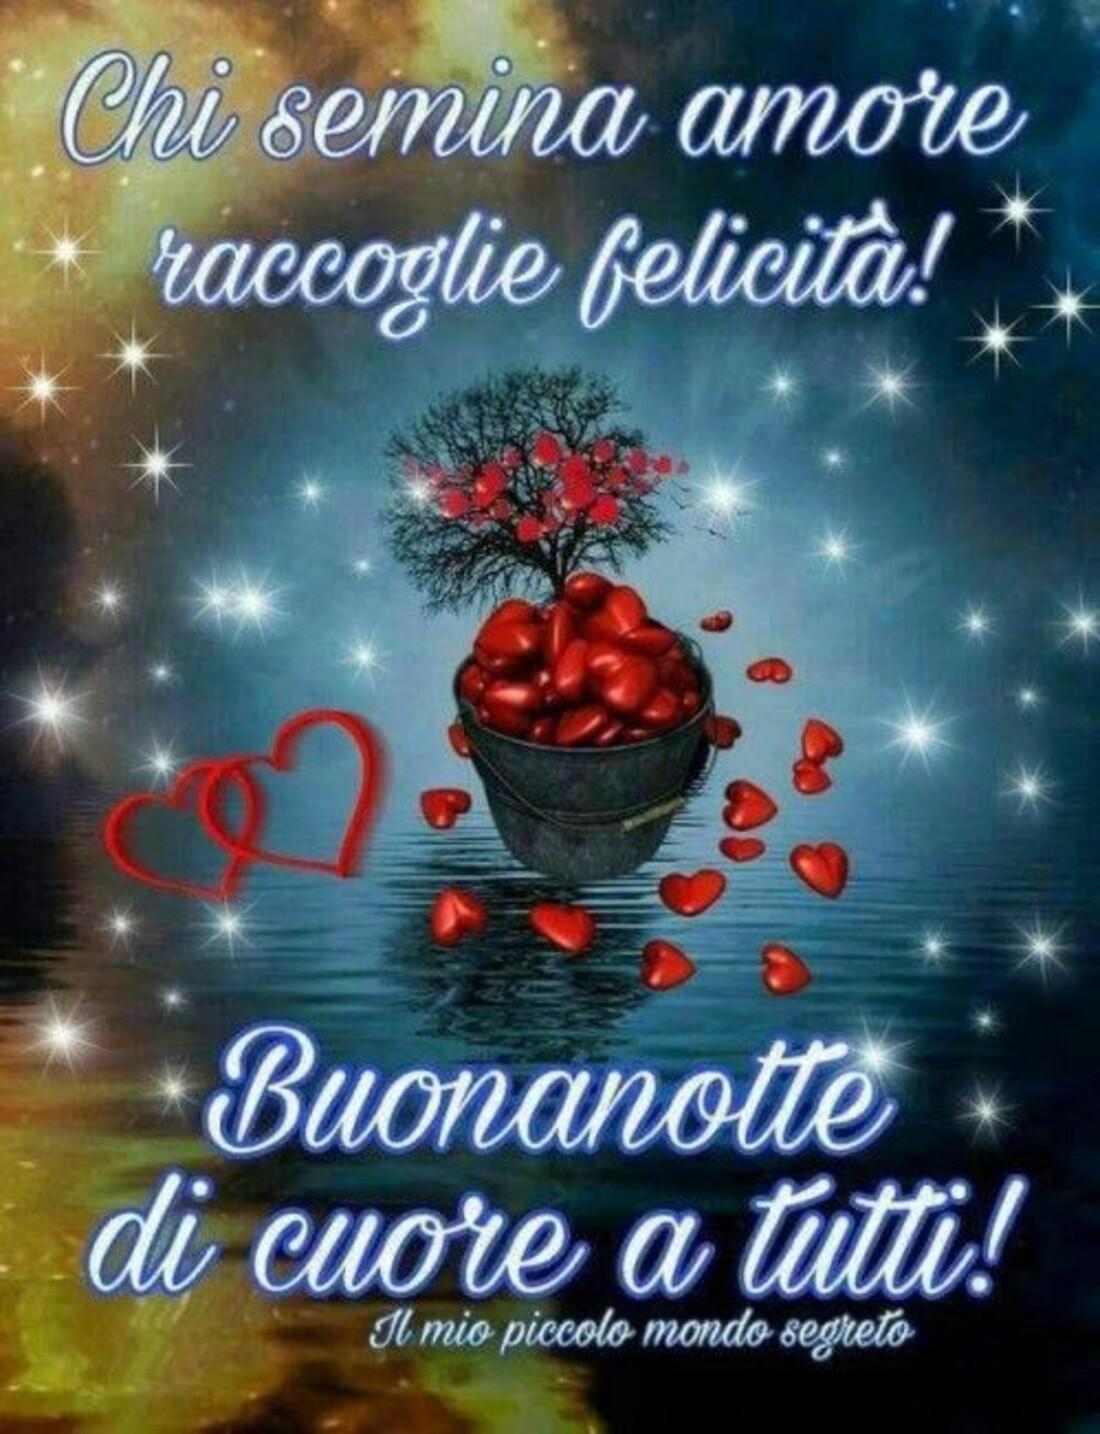 Chi semina amore raccoglie felicità! Buonanotte di cuore a tutti!